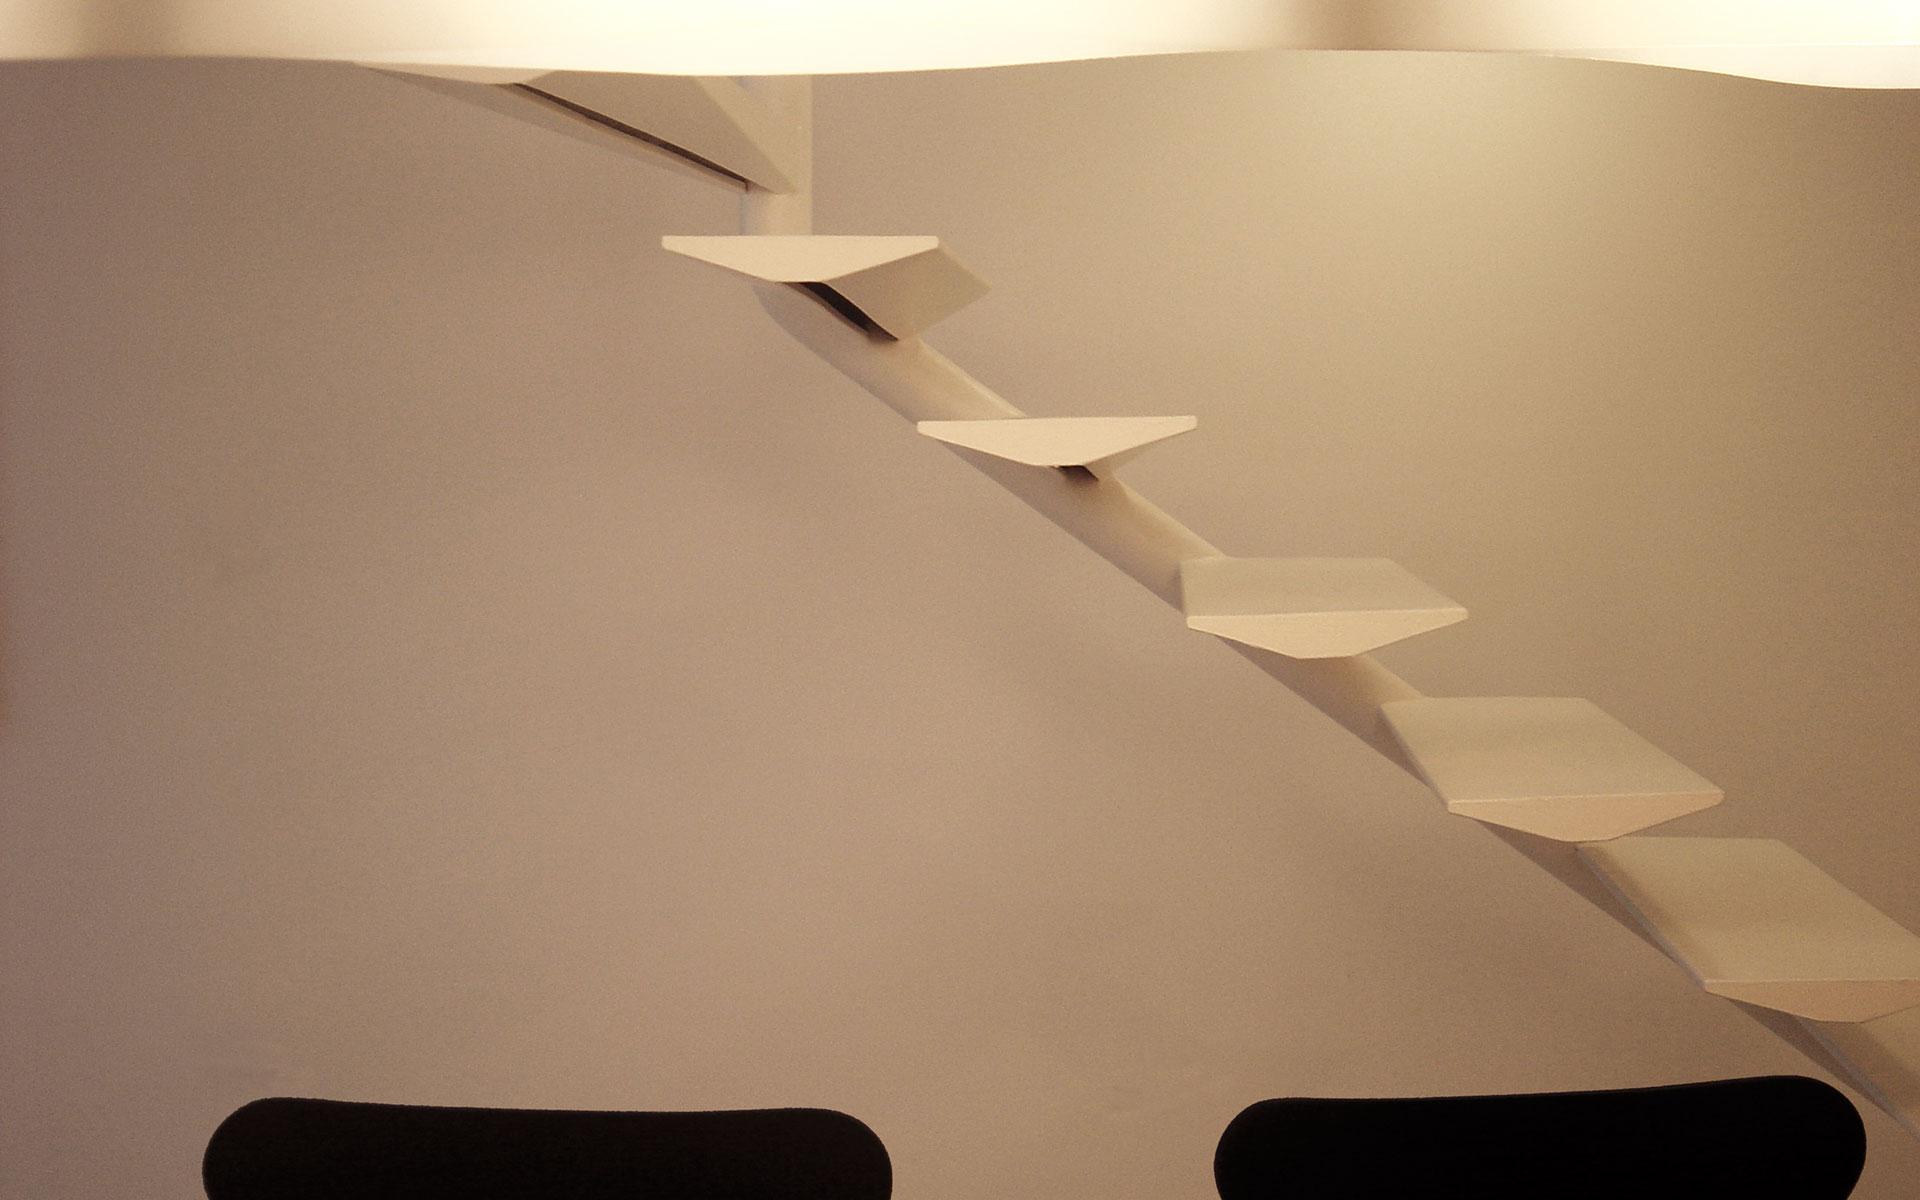 Arquitectura y Diseño Interior, escalones flotantes blancos de escalera metálica de diseño con lámpara en primer plano y sillas butterfly color negro